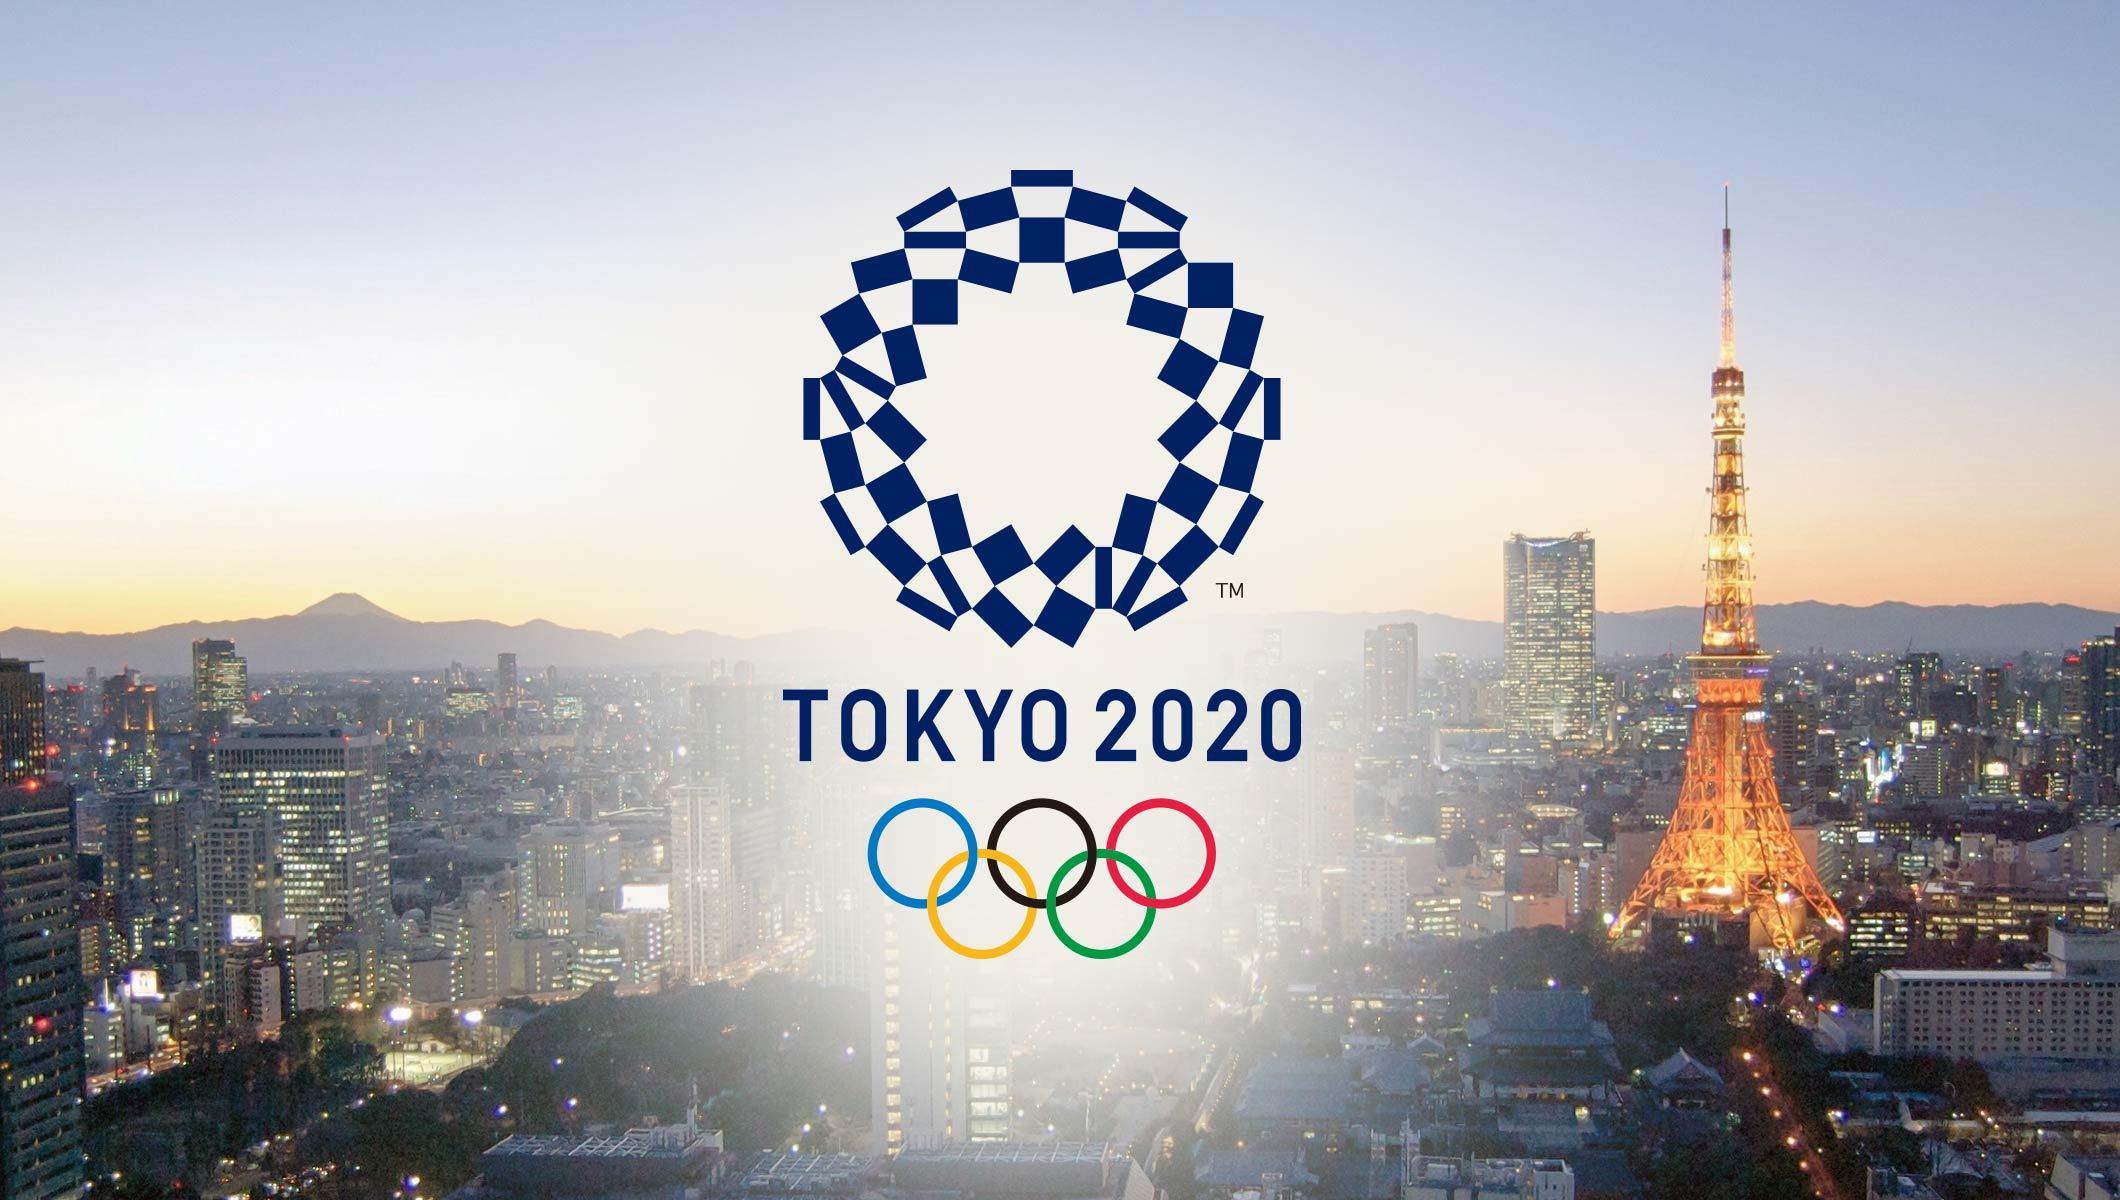 56 ans après l'édition de 1964, Tokyo se prépare à accueillir les Jeux Olympiques d'été 2020.